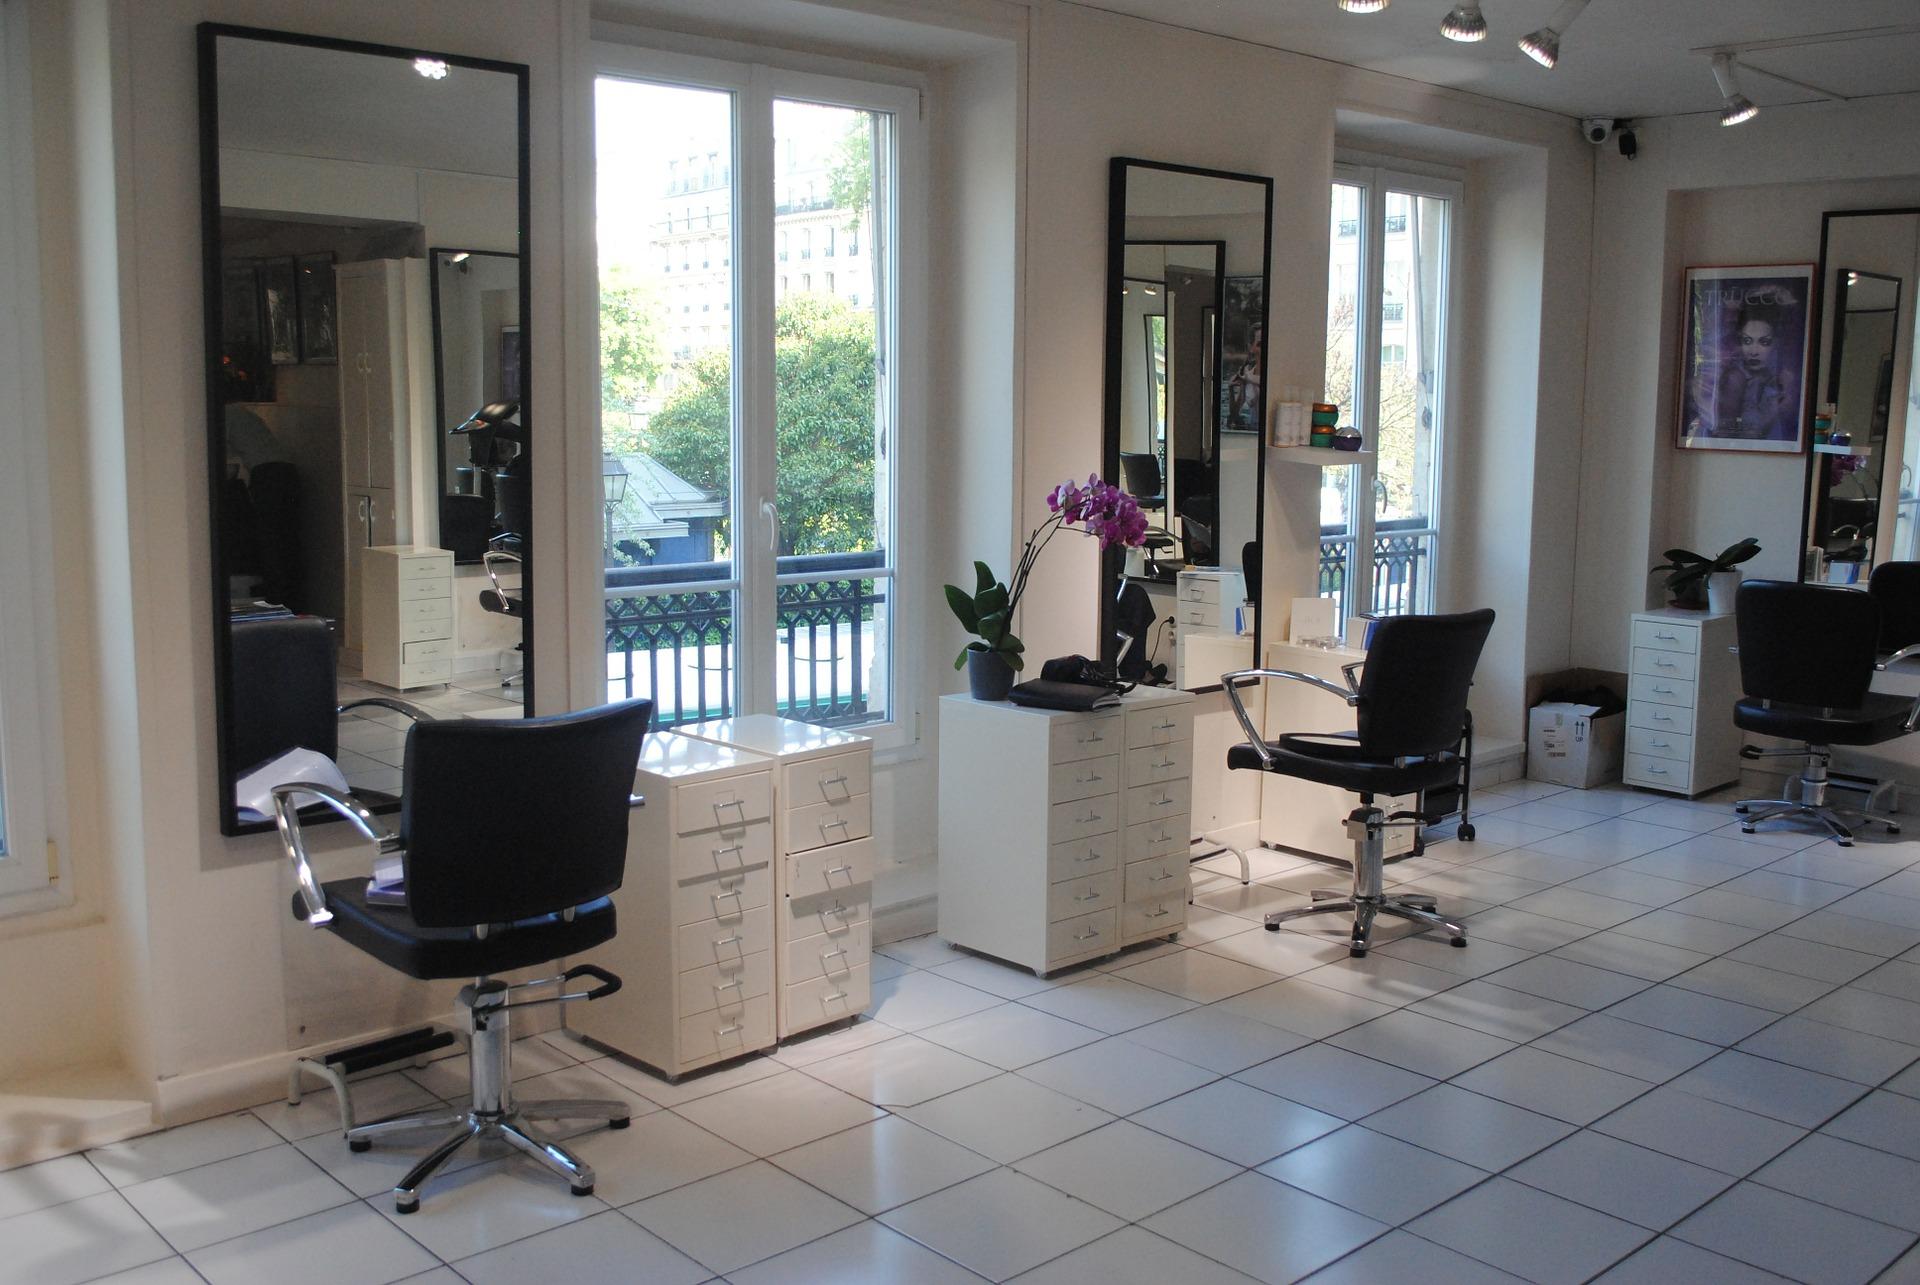 hairdresser-489915_1920.jpg